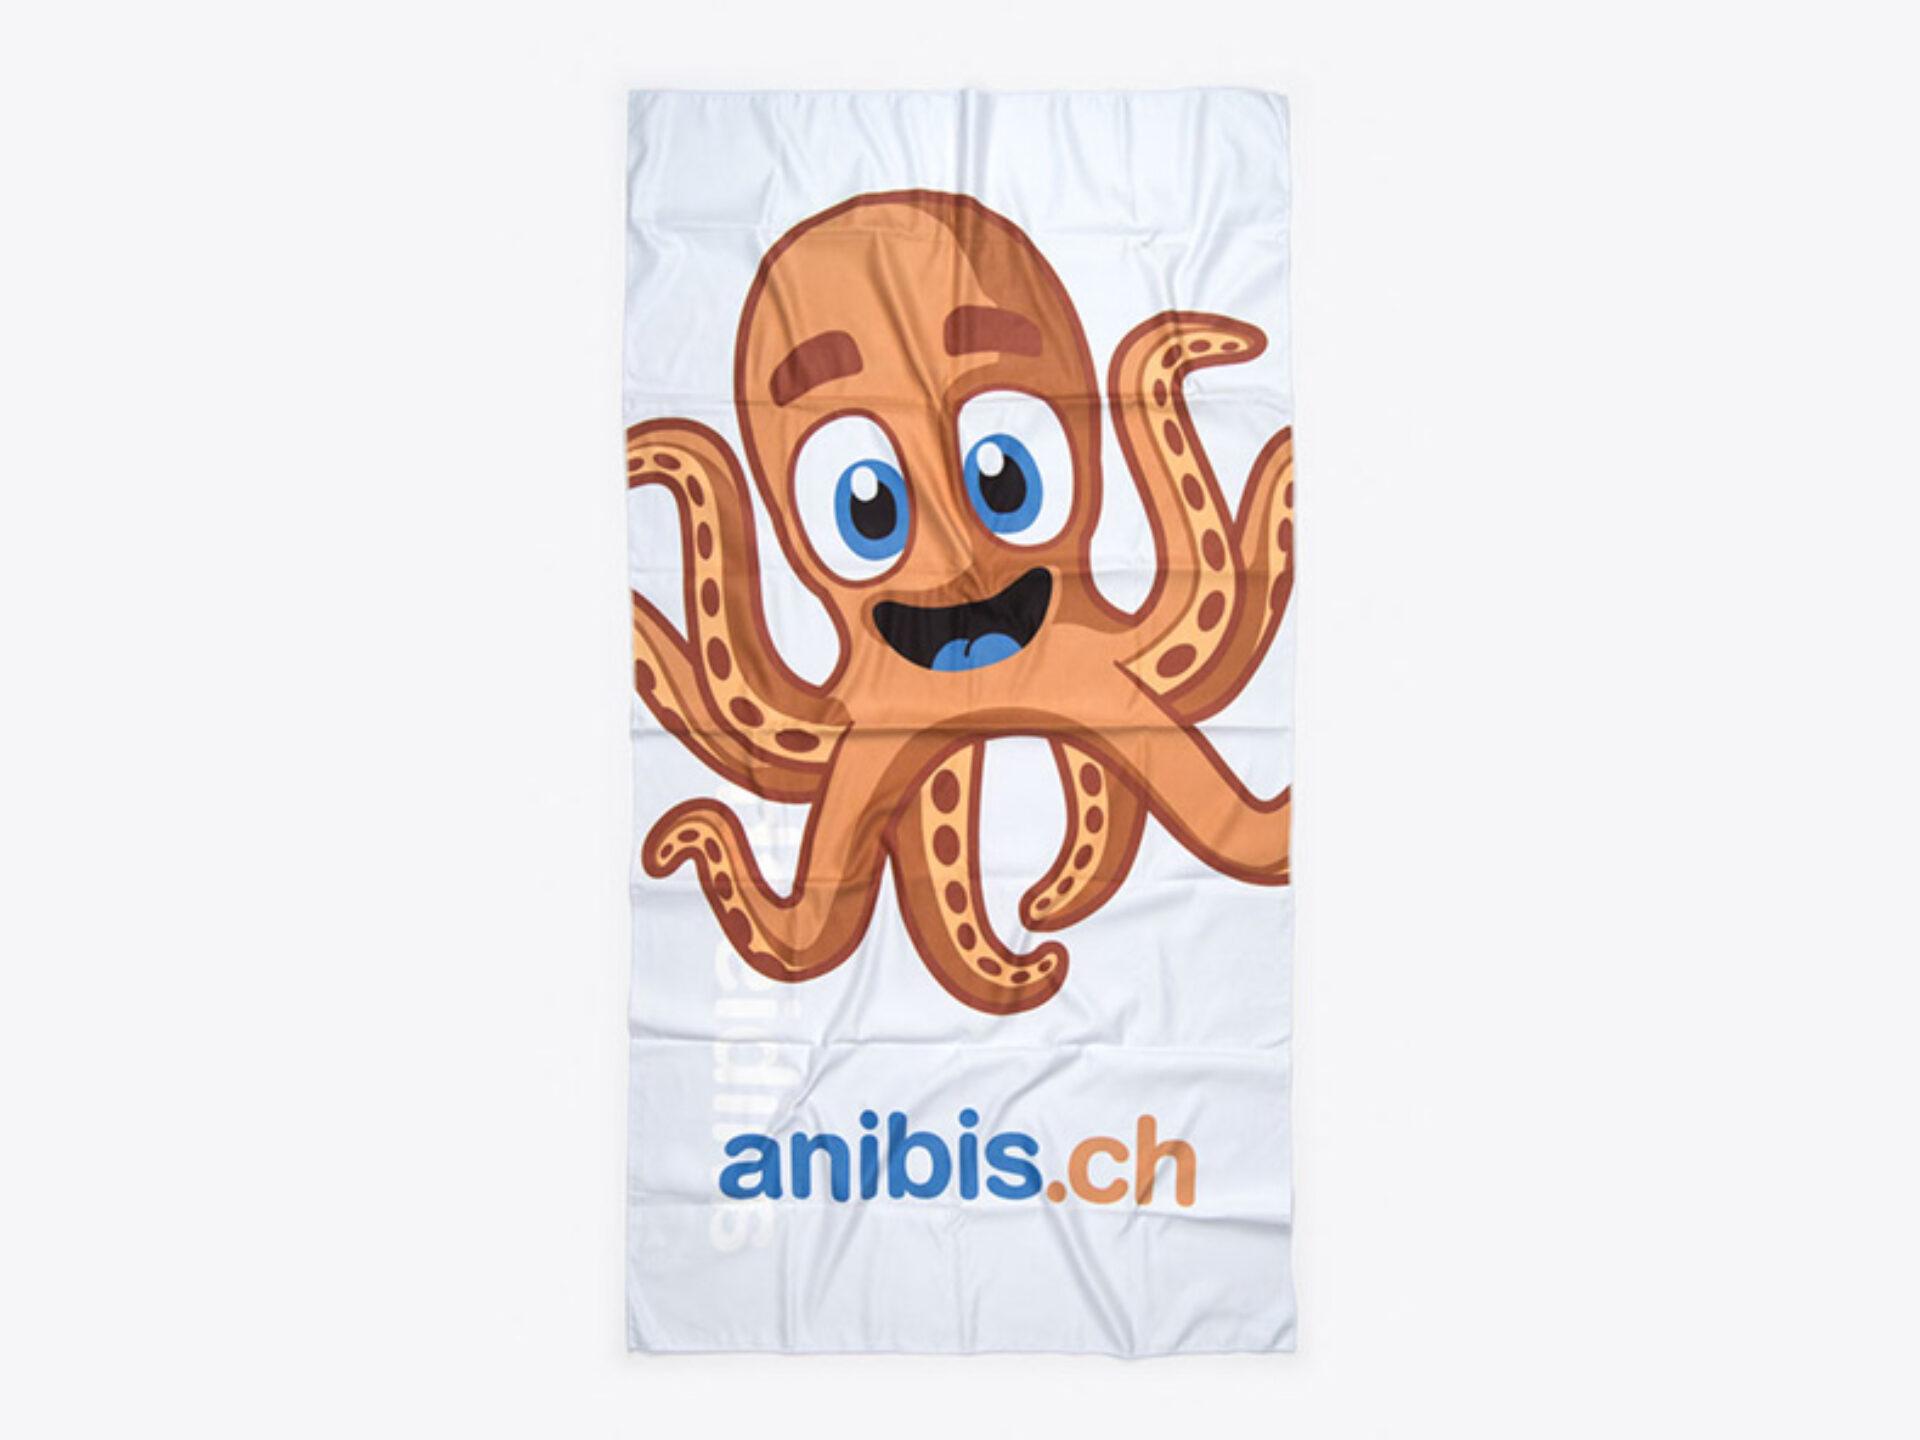 mikrofaser-badetuch-mit-logo-bedruckt-anibis